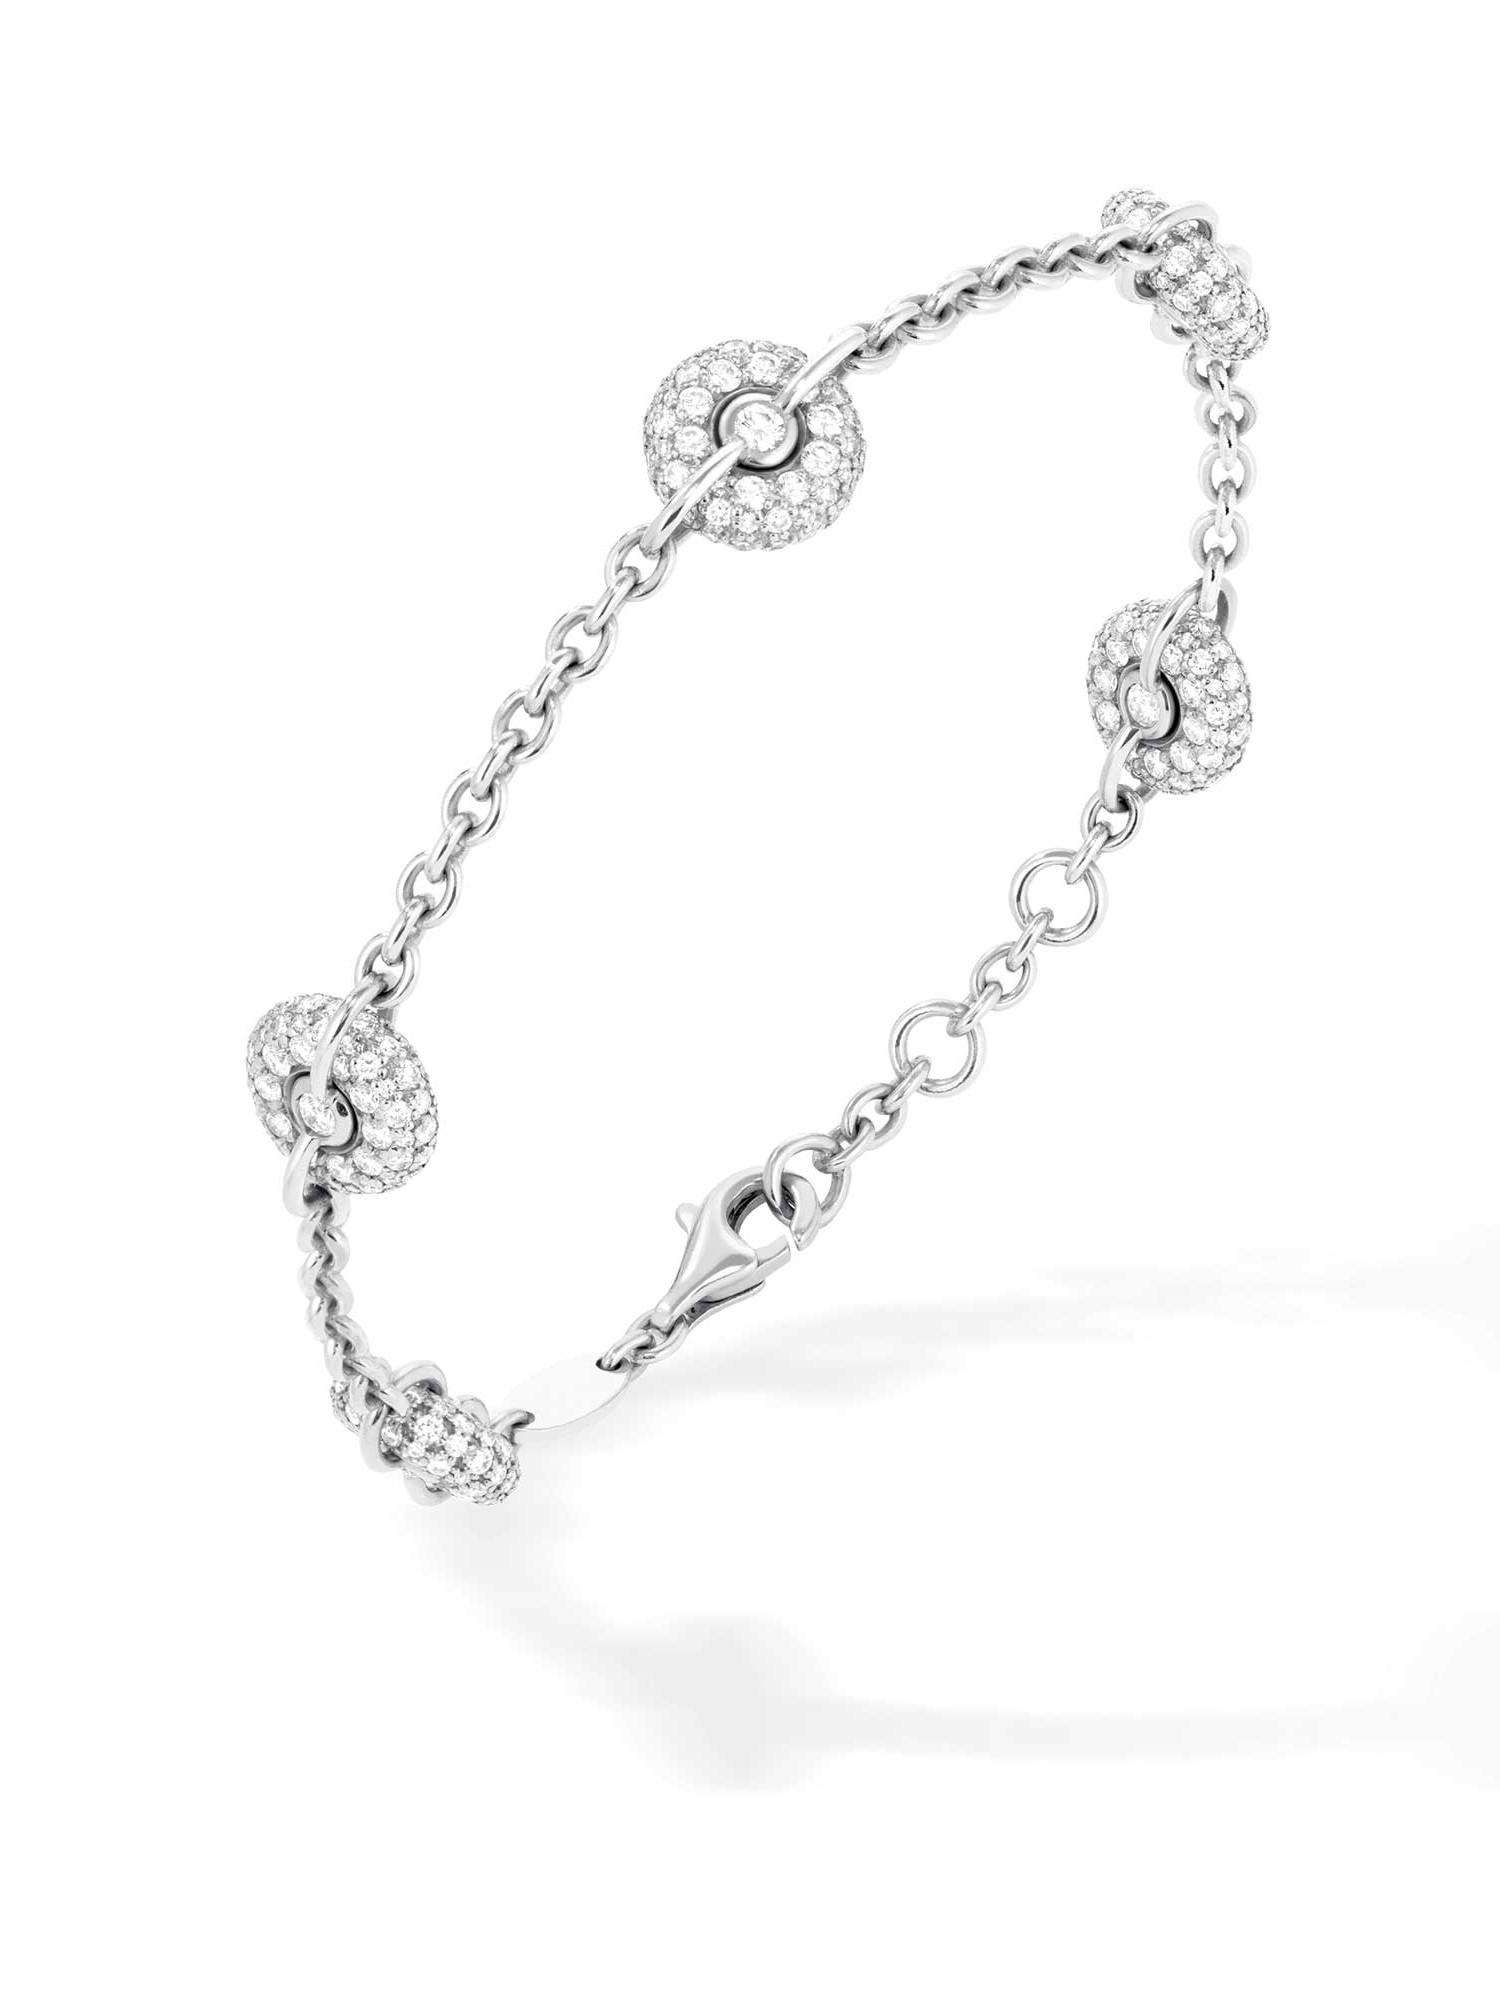 Bracelet chaîne or gris et diamants 5 bouées - Joaillerie Canaglia Paris-Milan